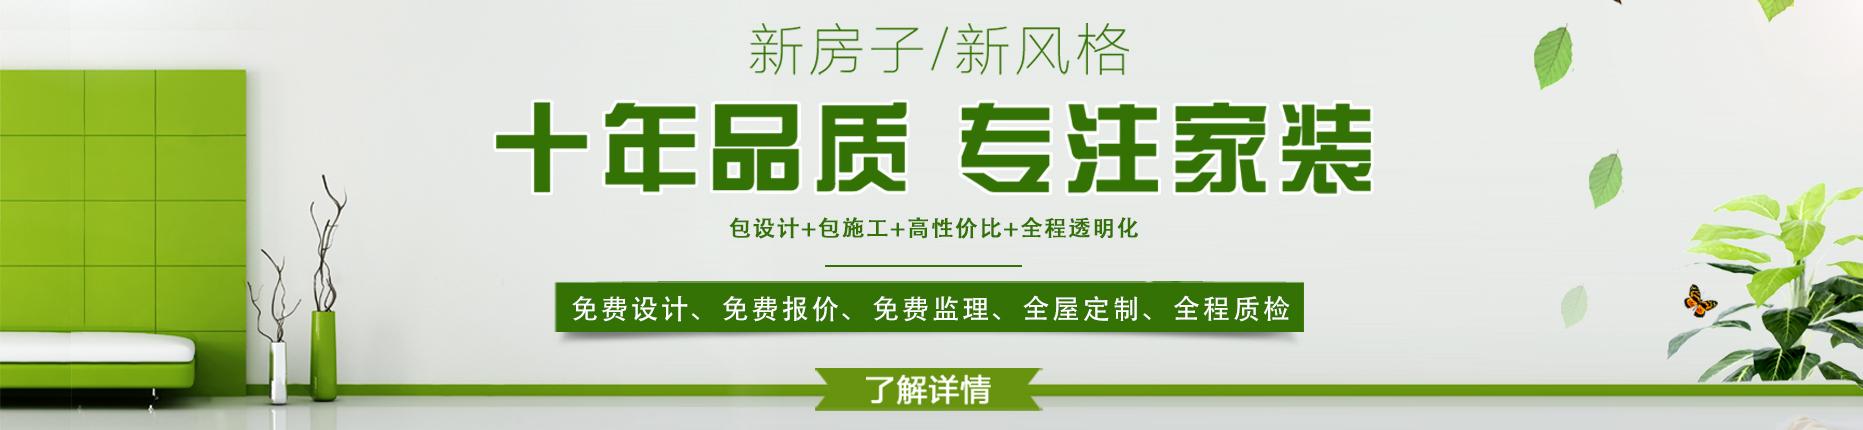 太原站banner